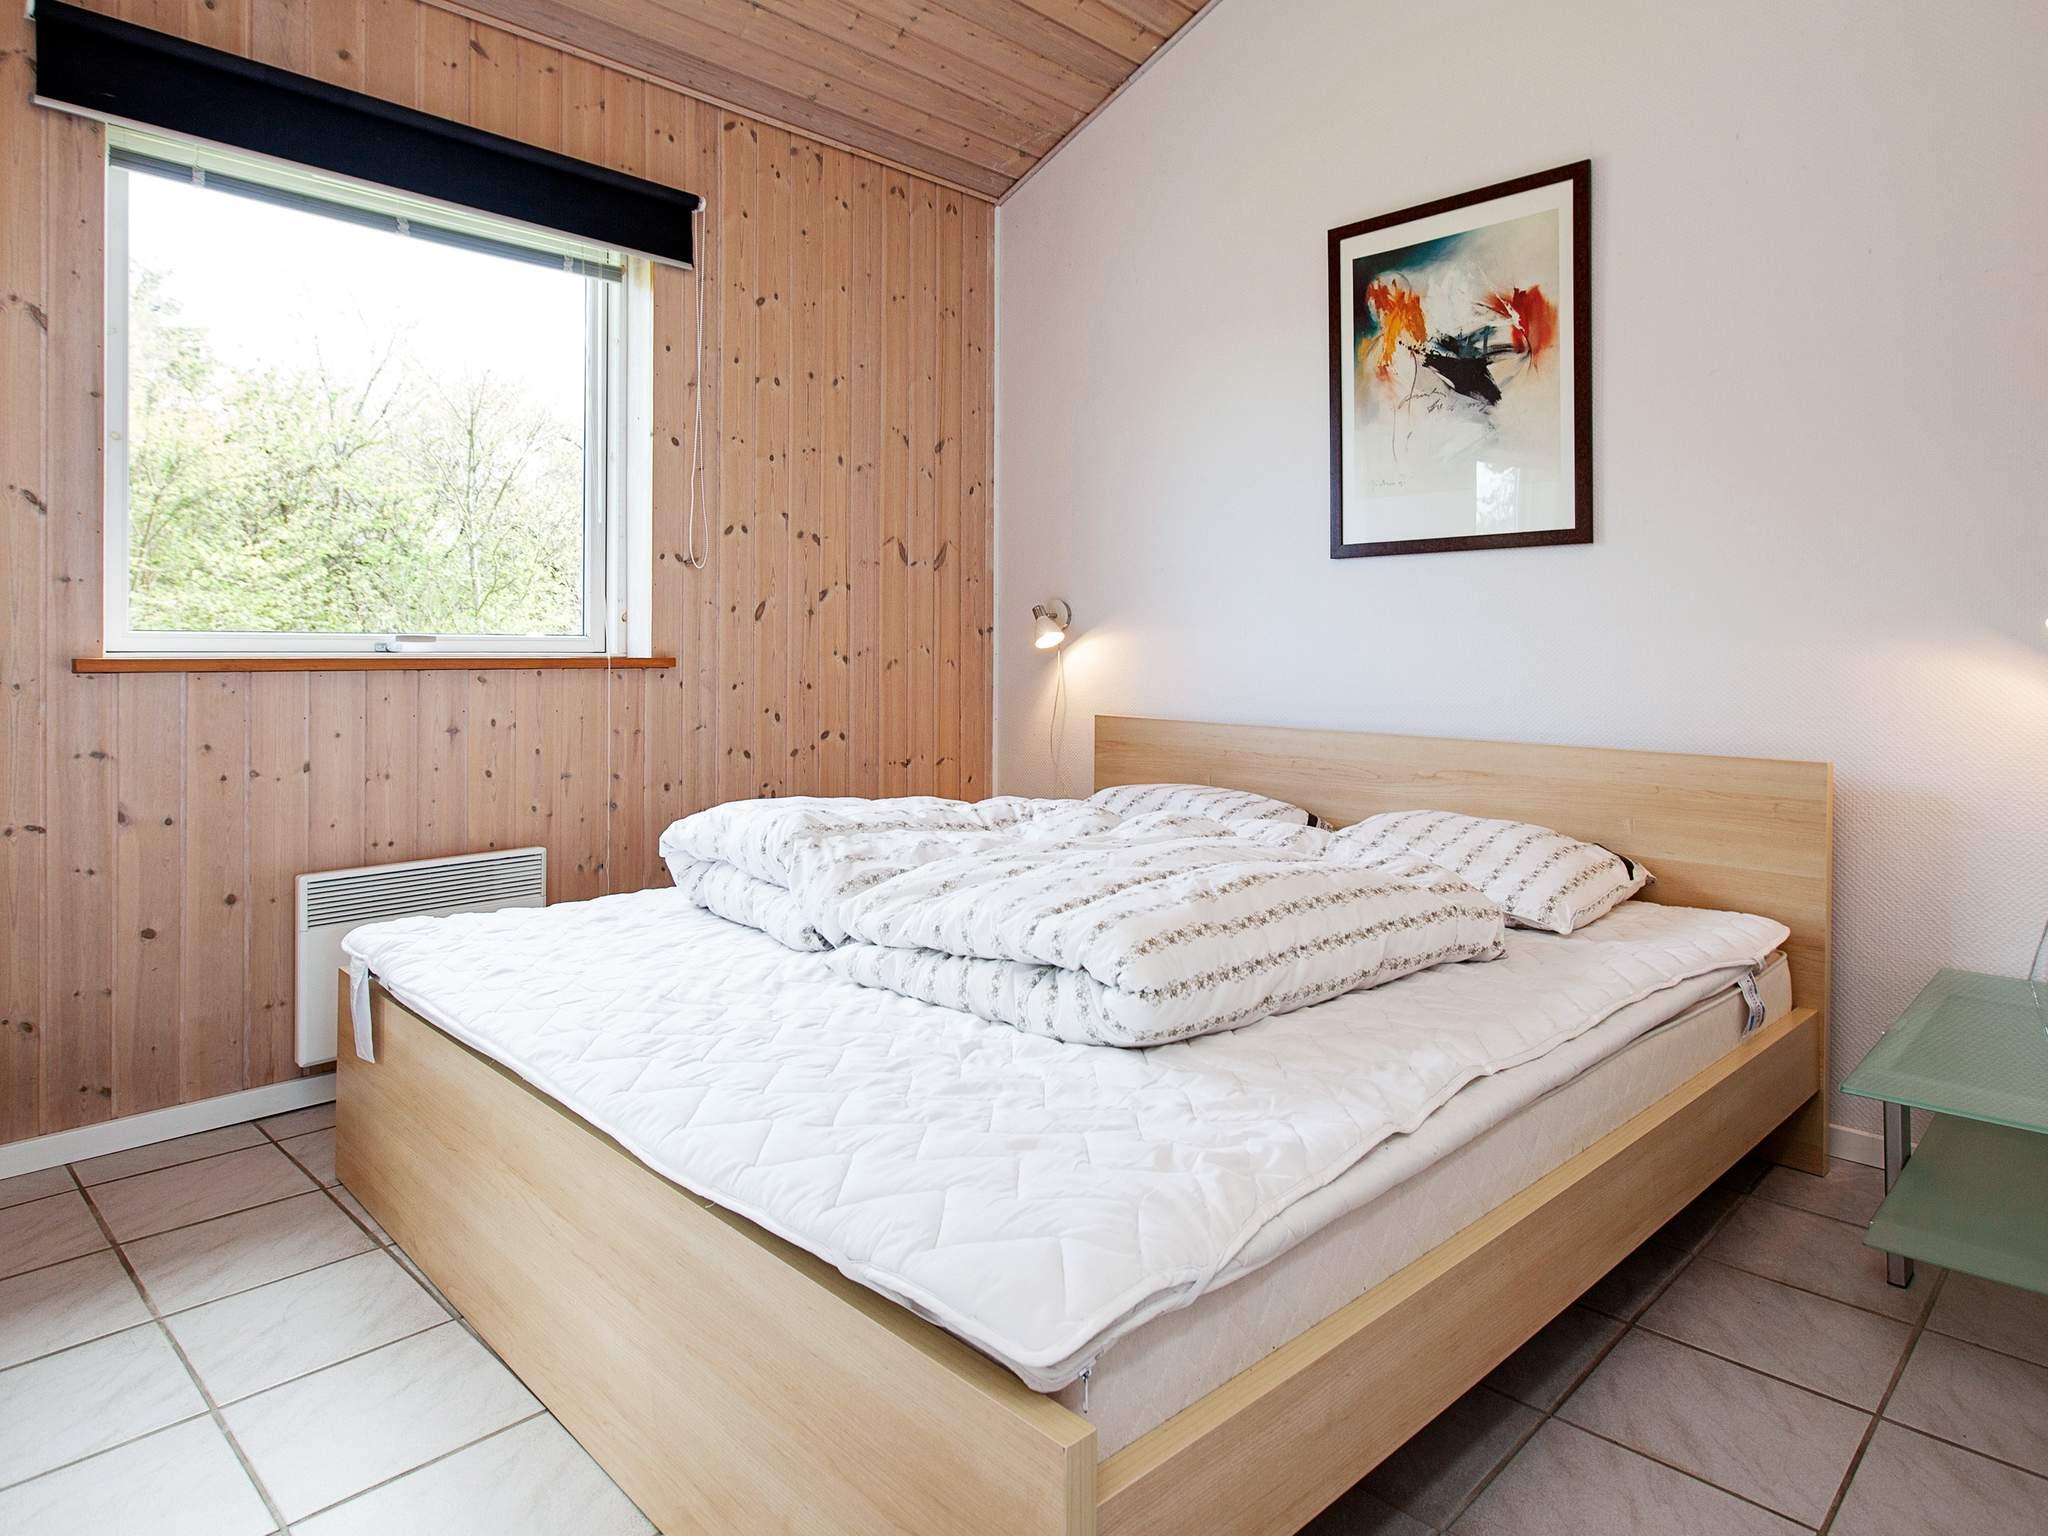 Ferienhaus Veddinge Bakker (2355598), Veddinge, , Westseeland, Dänemark, Bild 5